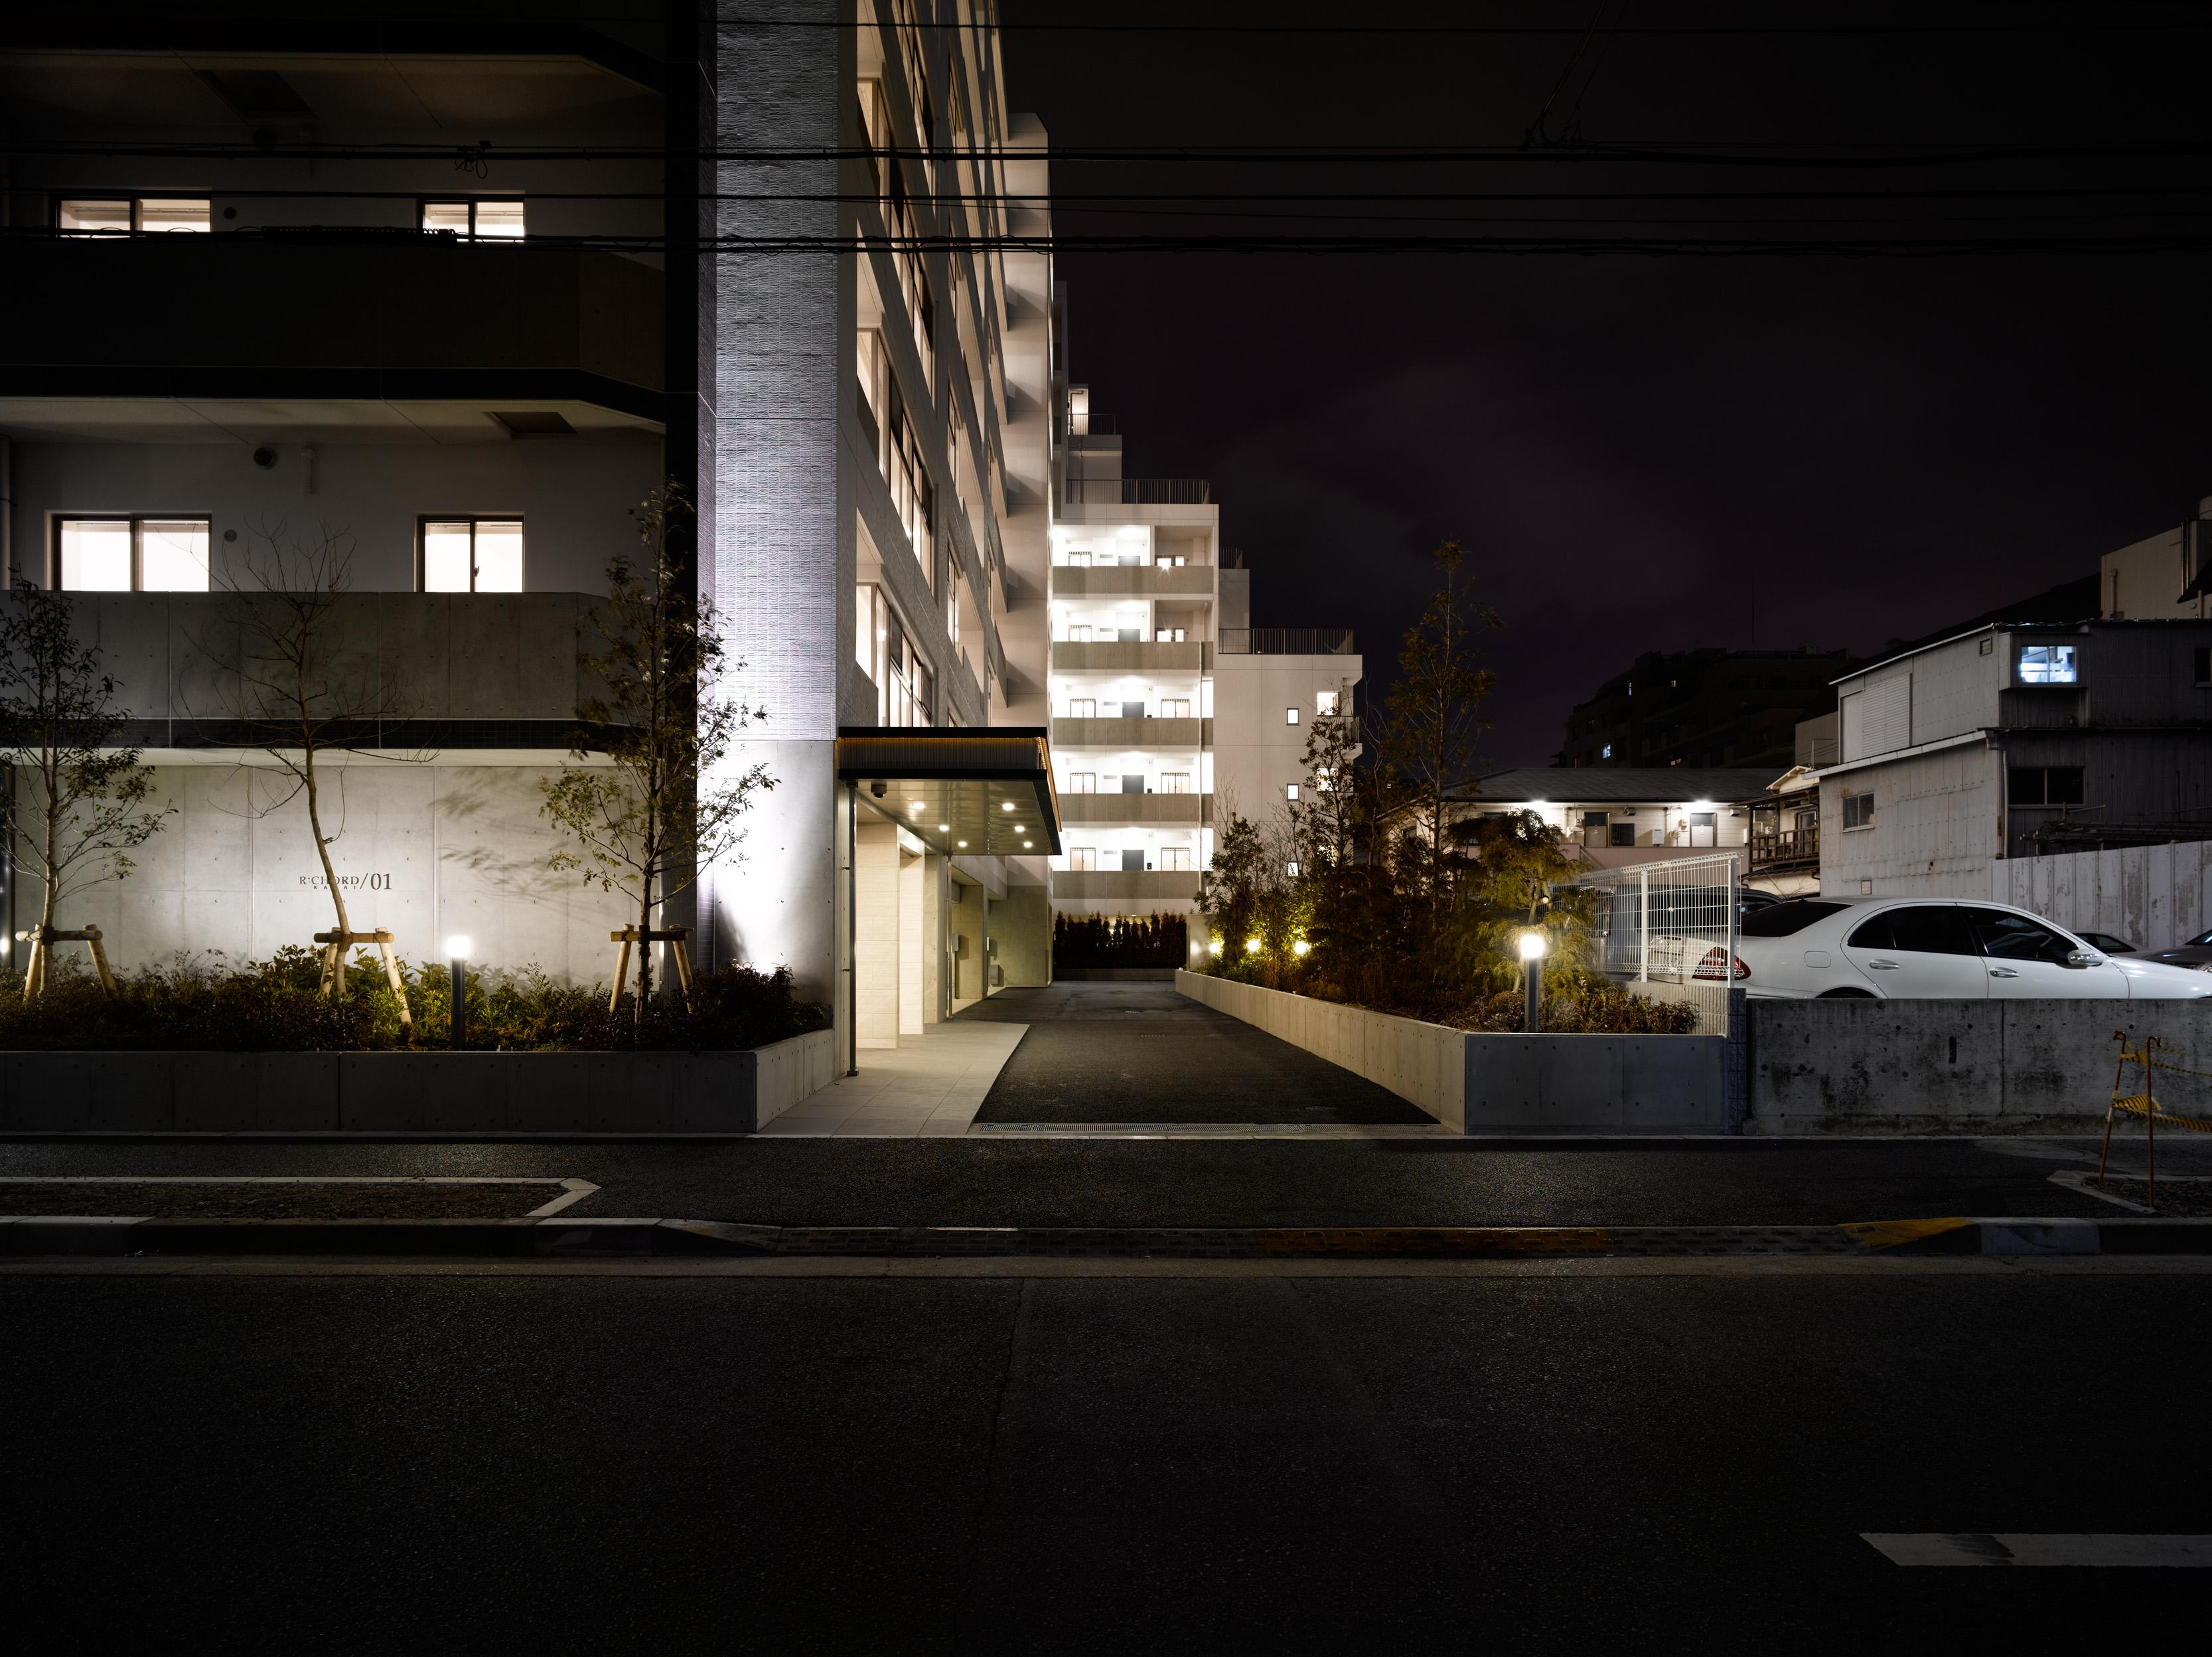 間接照明に照らされたエントランスファサード イメージ